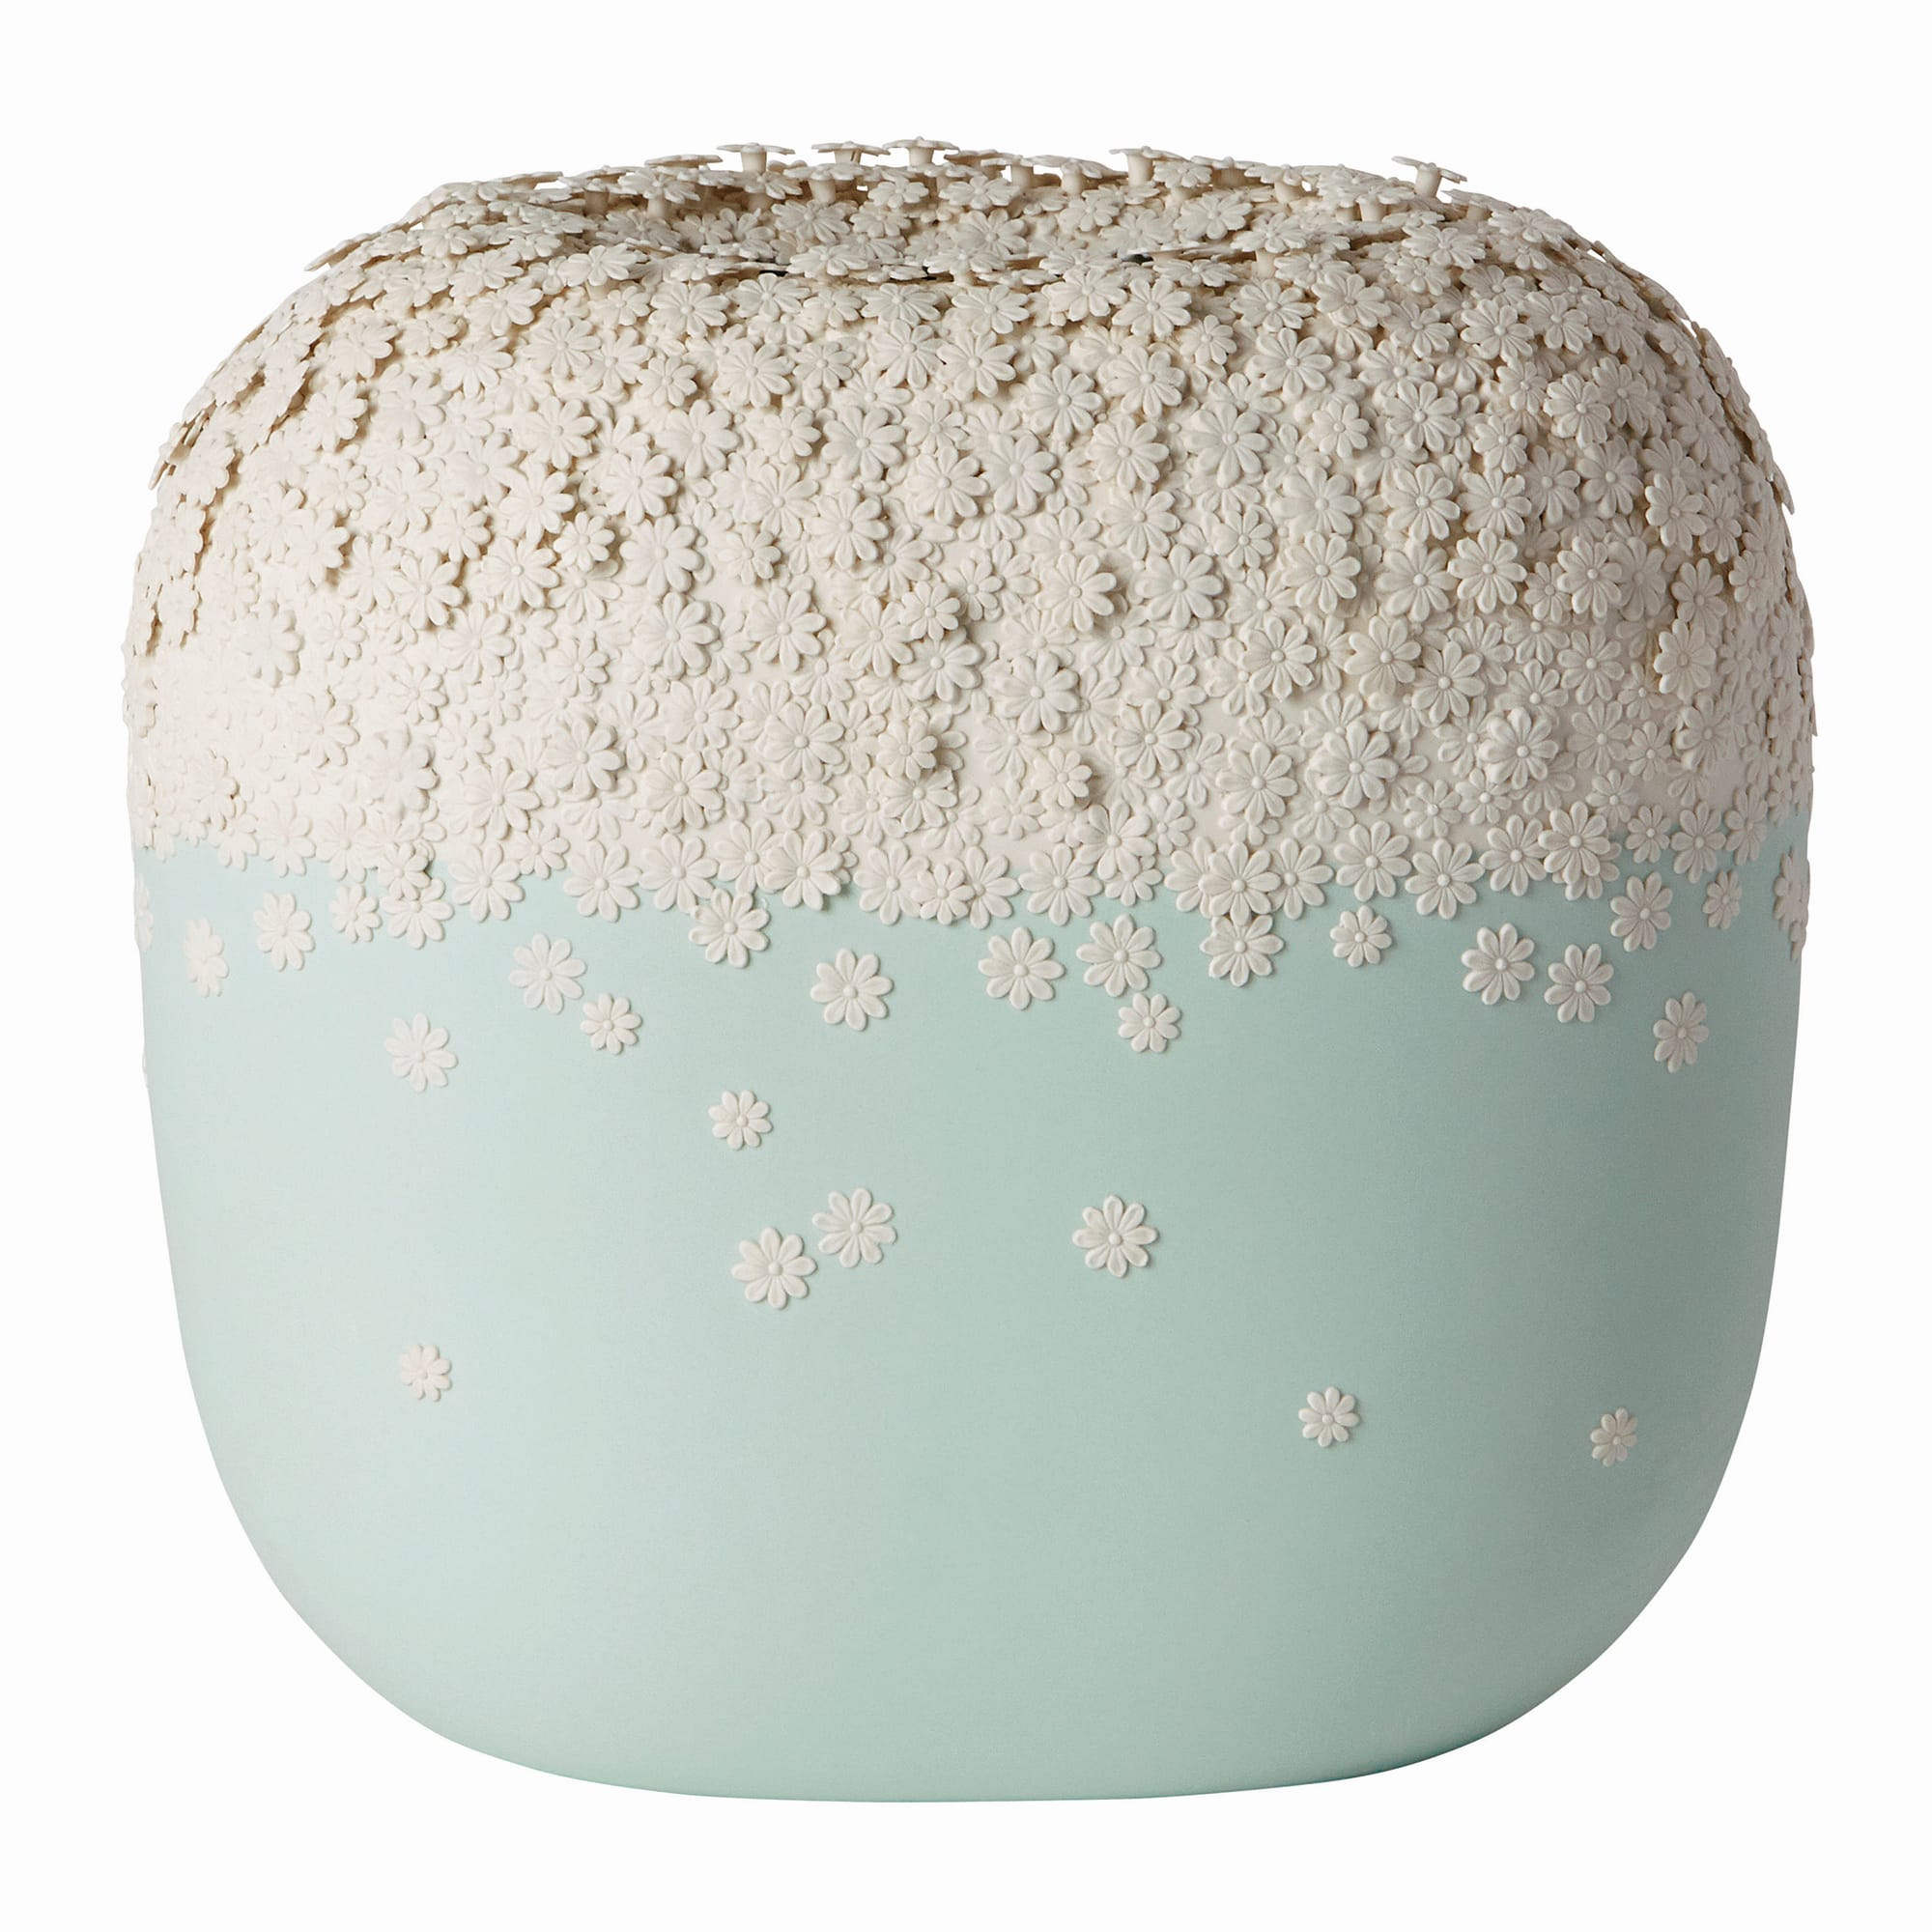 重なり合うようにあしらわれたデイジーが陰影を生む「Kasumi (花霞) Vase」。